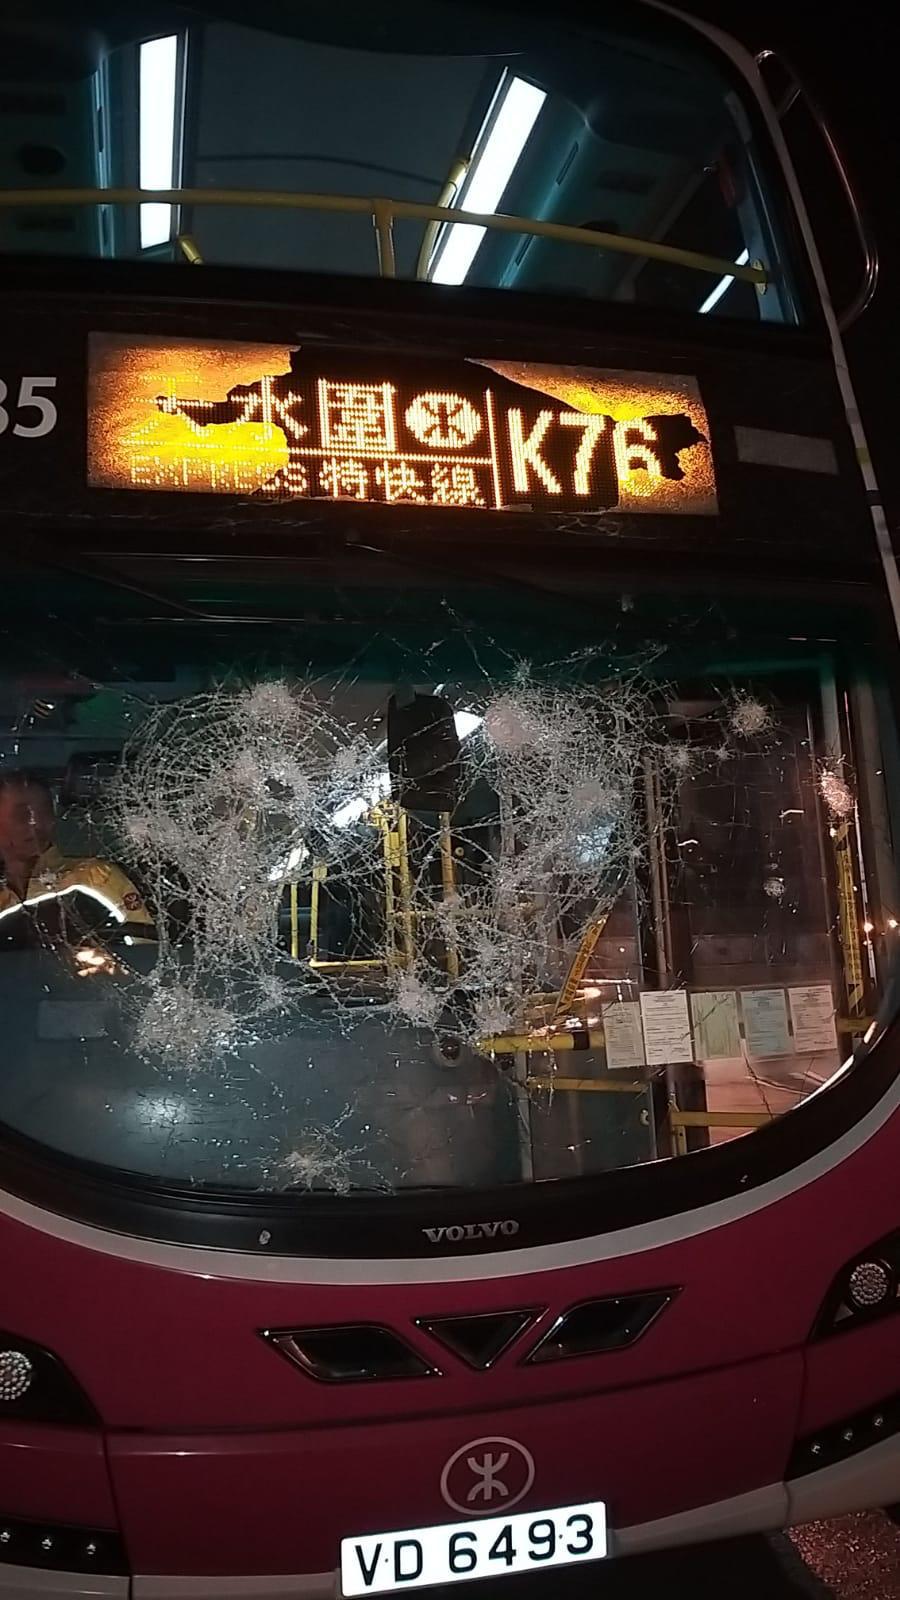 一輛港鐵巴士昨晚遭惡意破壞,擋風玻璃被擊毀。 港鐵提供